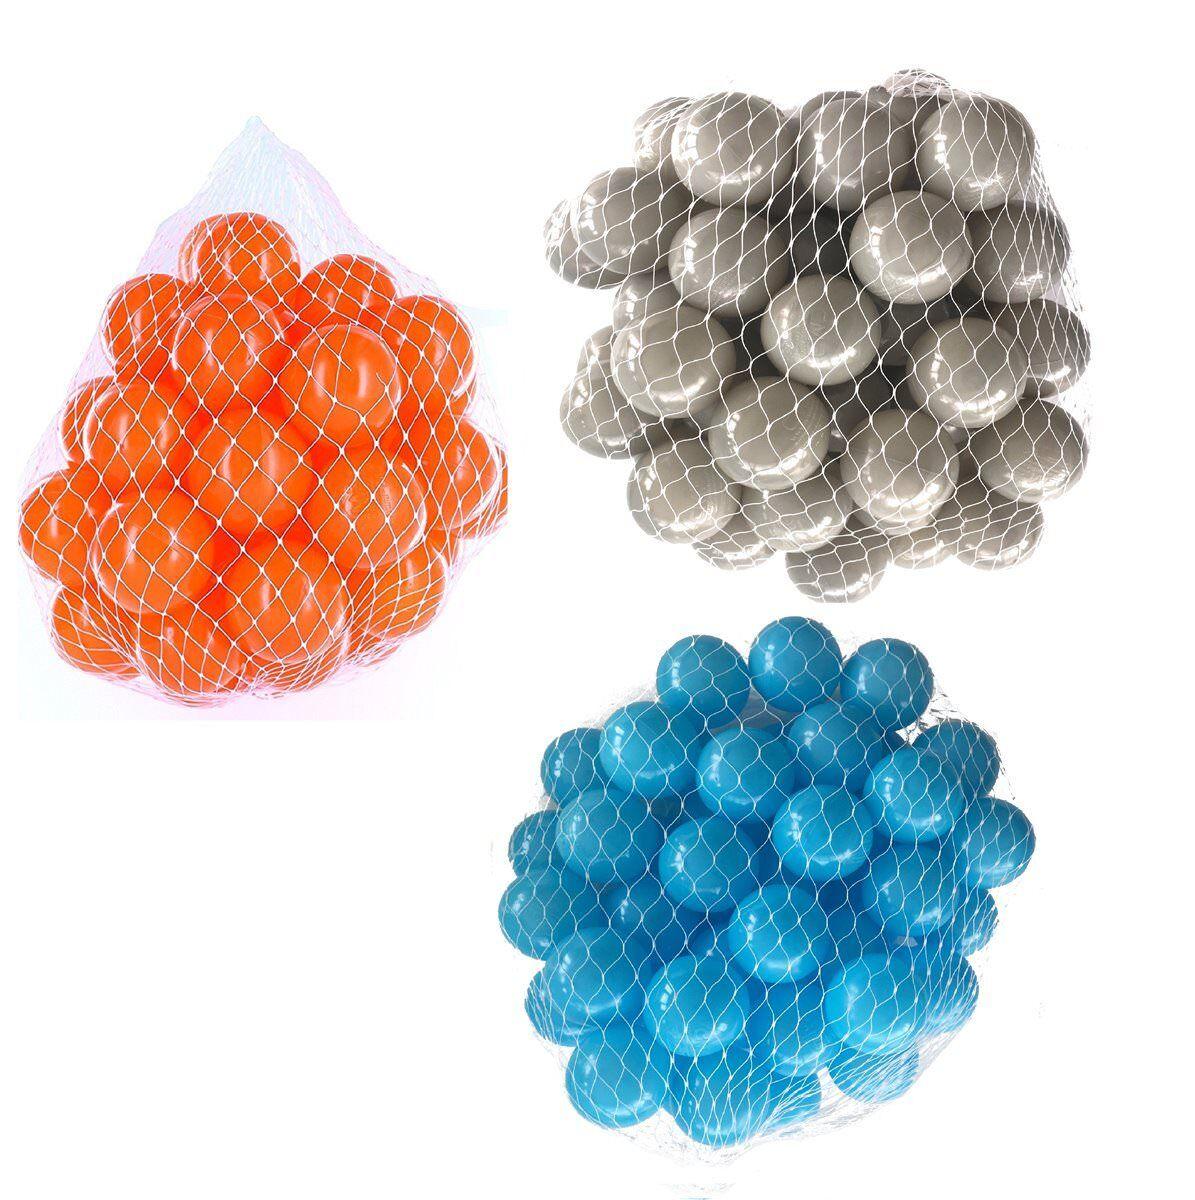 150-9000 Bagno di palline palle 55mm mix turchese grey arancione misto colori